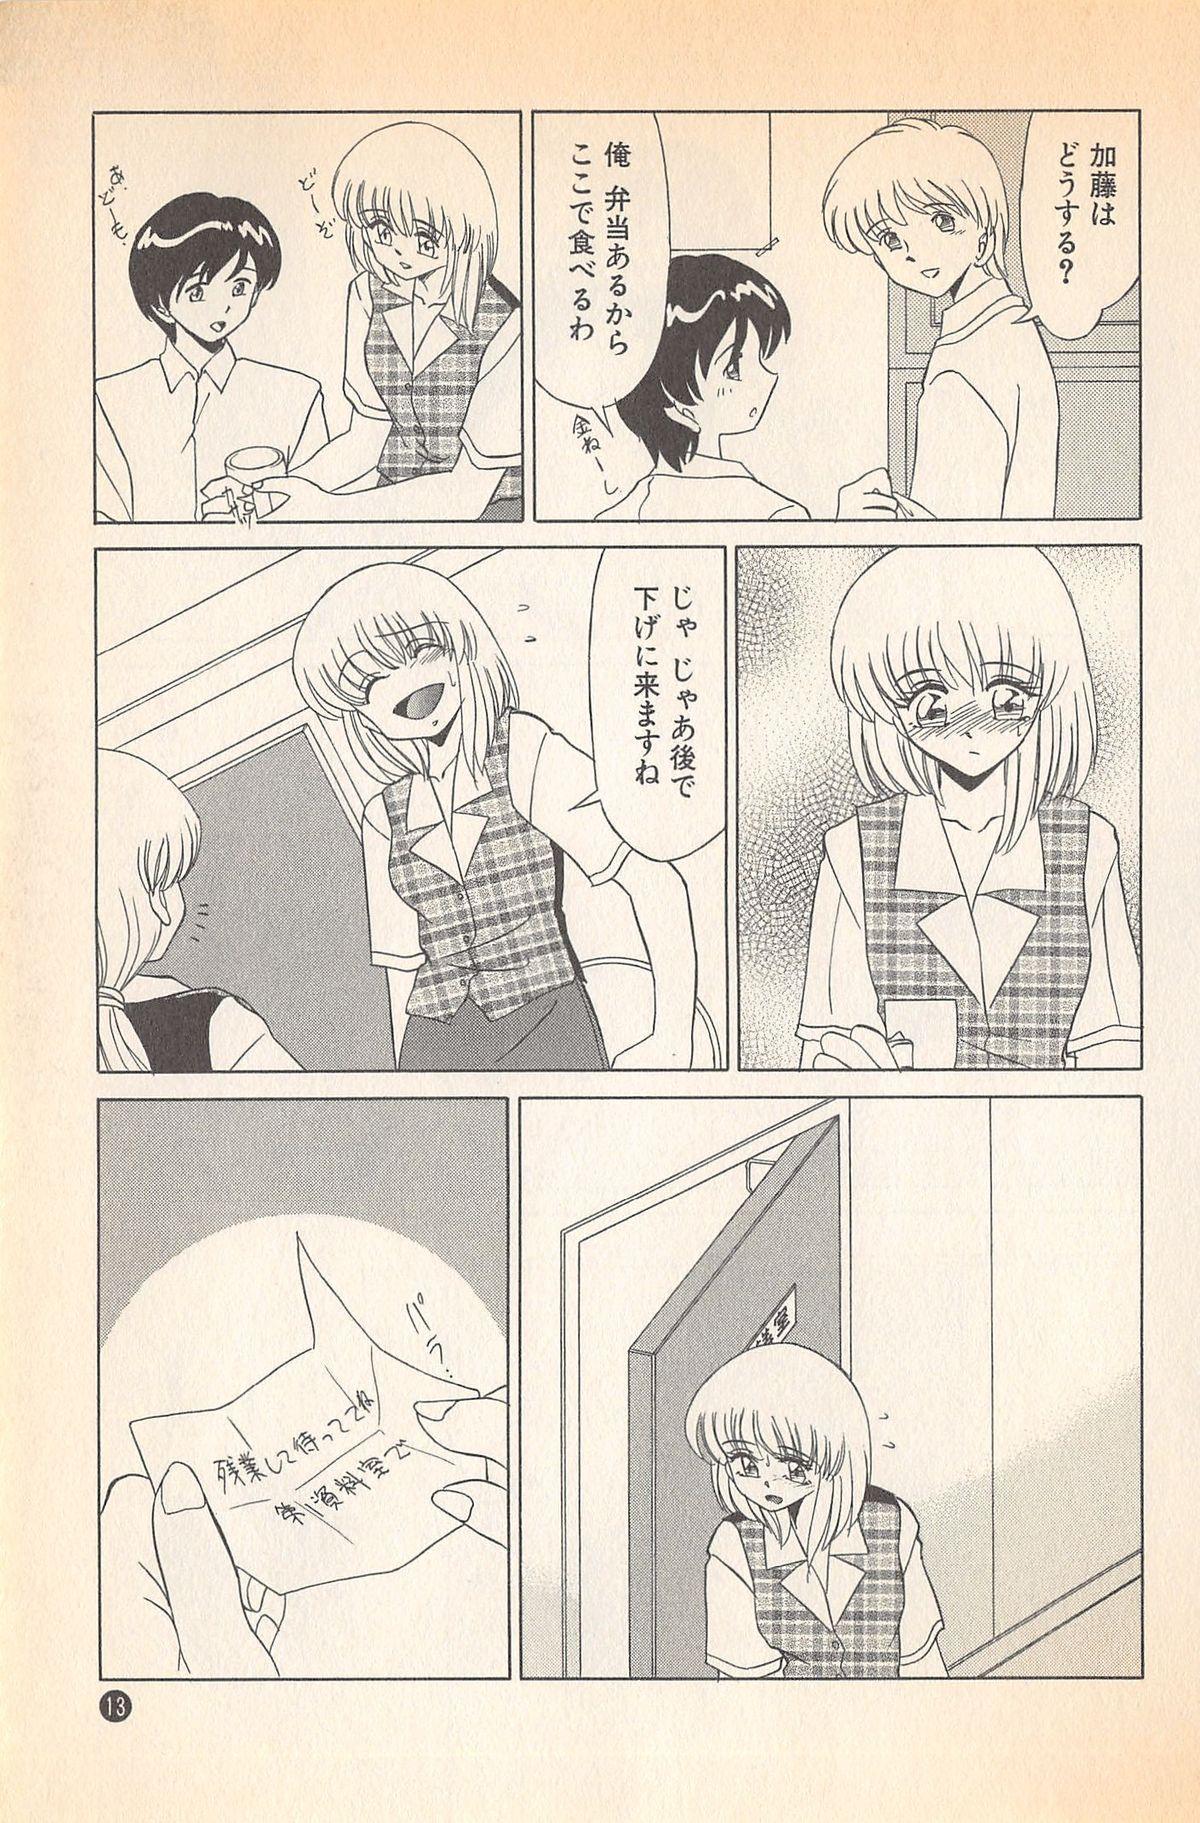 Doki Doki no Shikumi 14